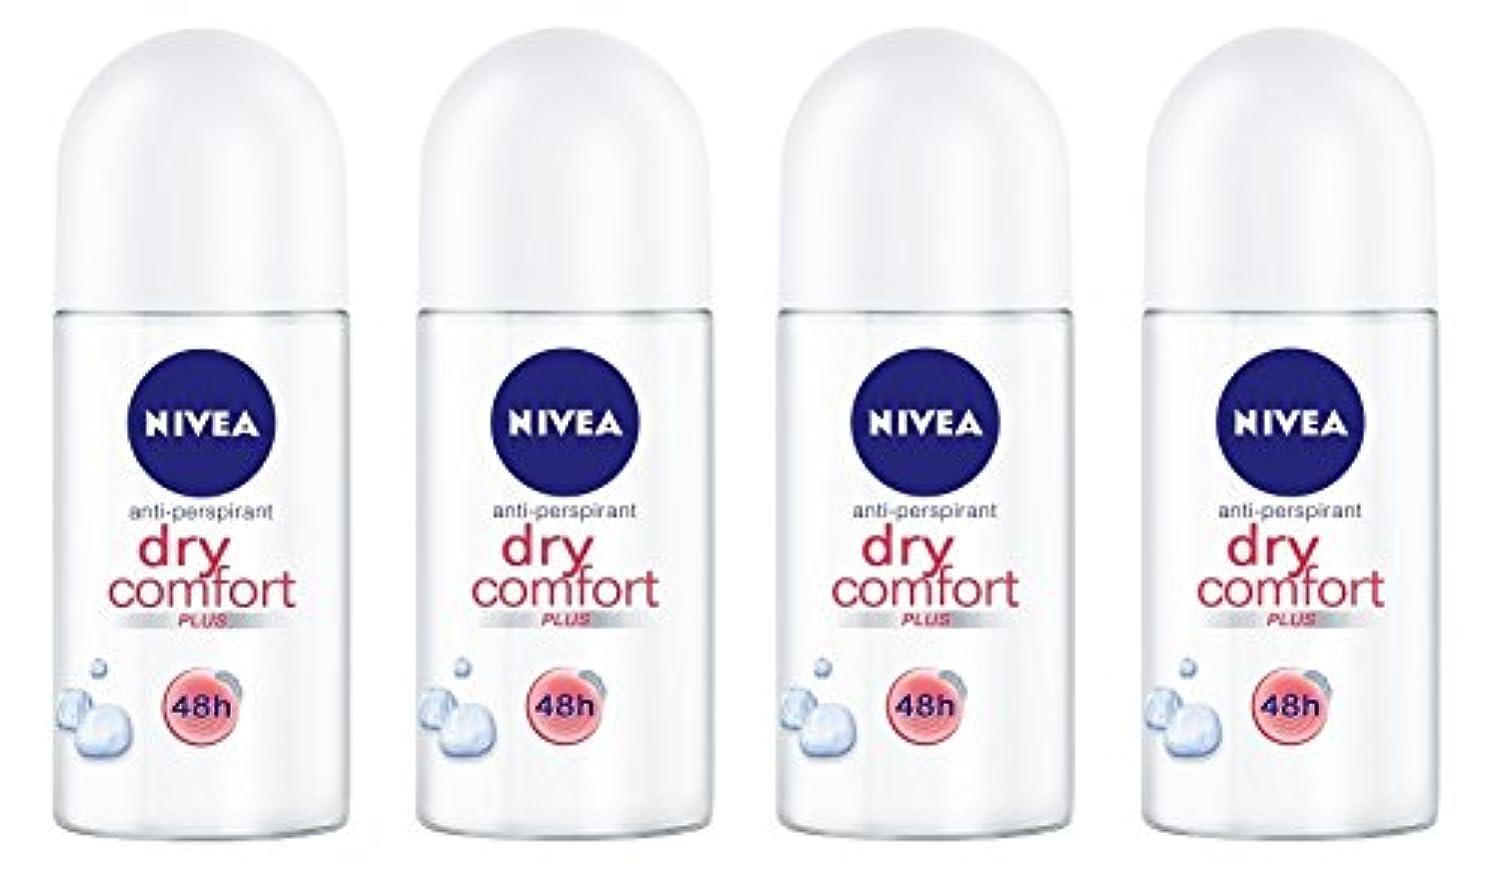 許される不変アレルギー(Pack of 4) Nivea Dry Comfort Plus Anti-perspirant Deodorant Roll On for Women 4x50ml - (4パック) ニベアドライ快適プラス制汗剤デオドラントロールオン...